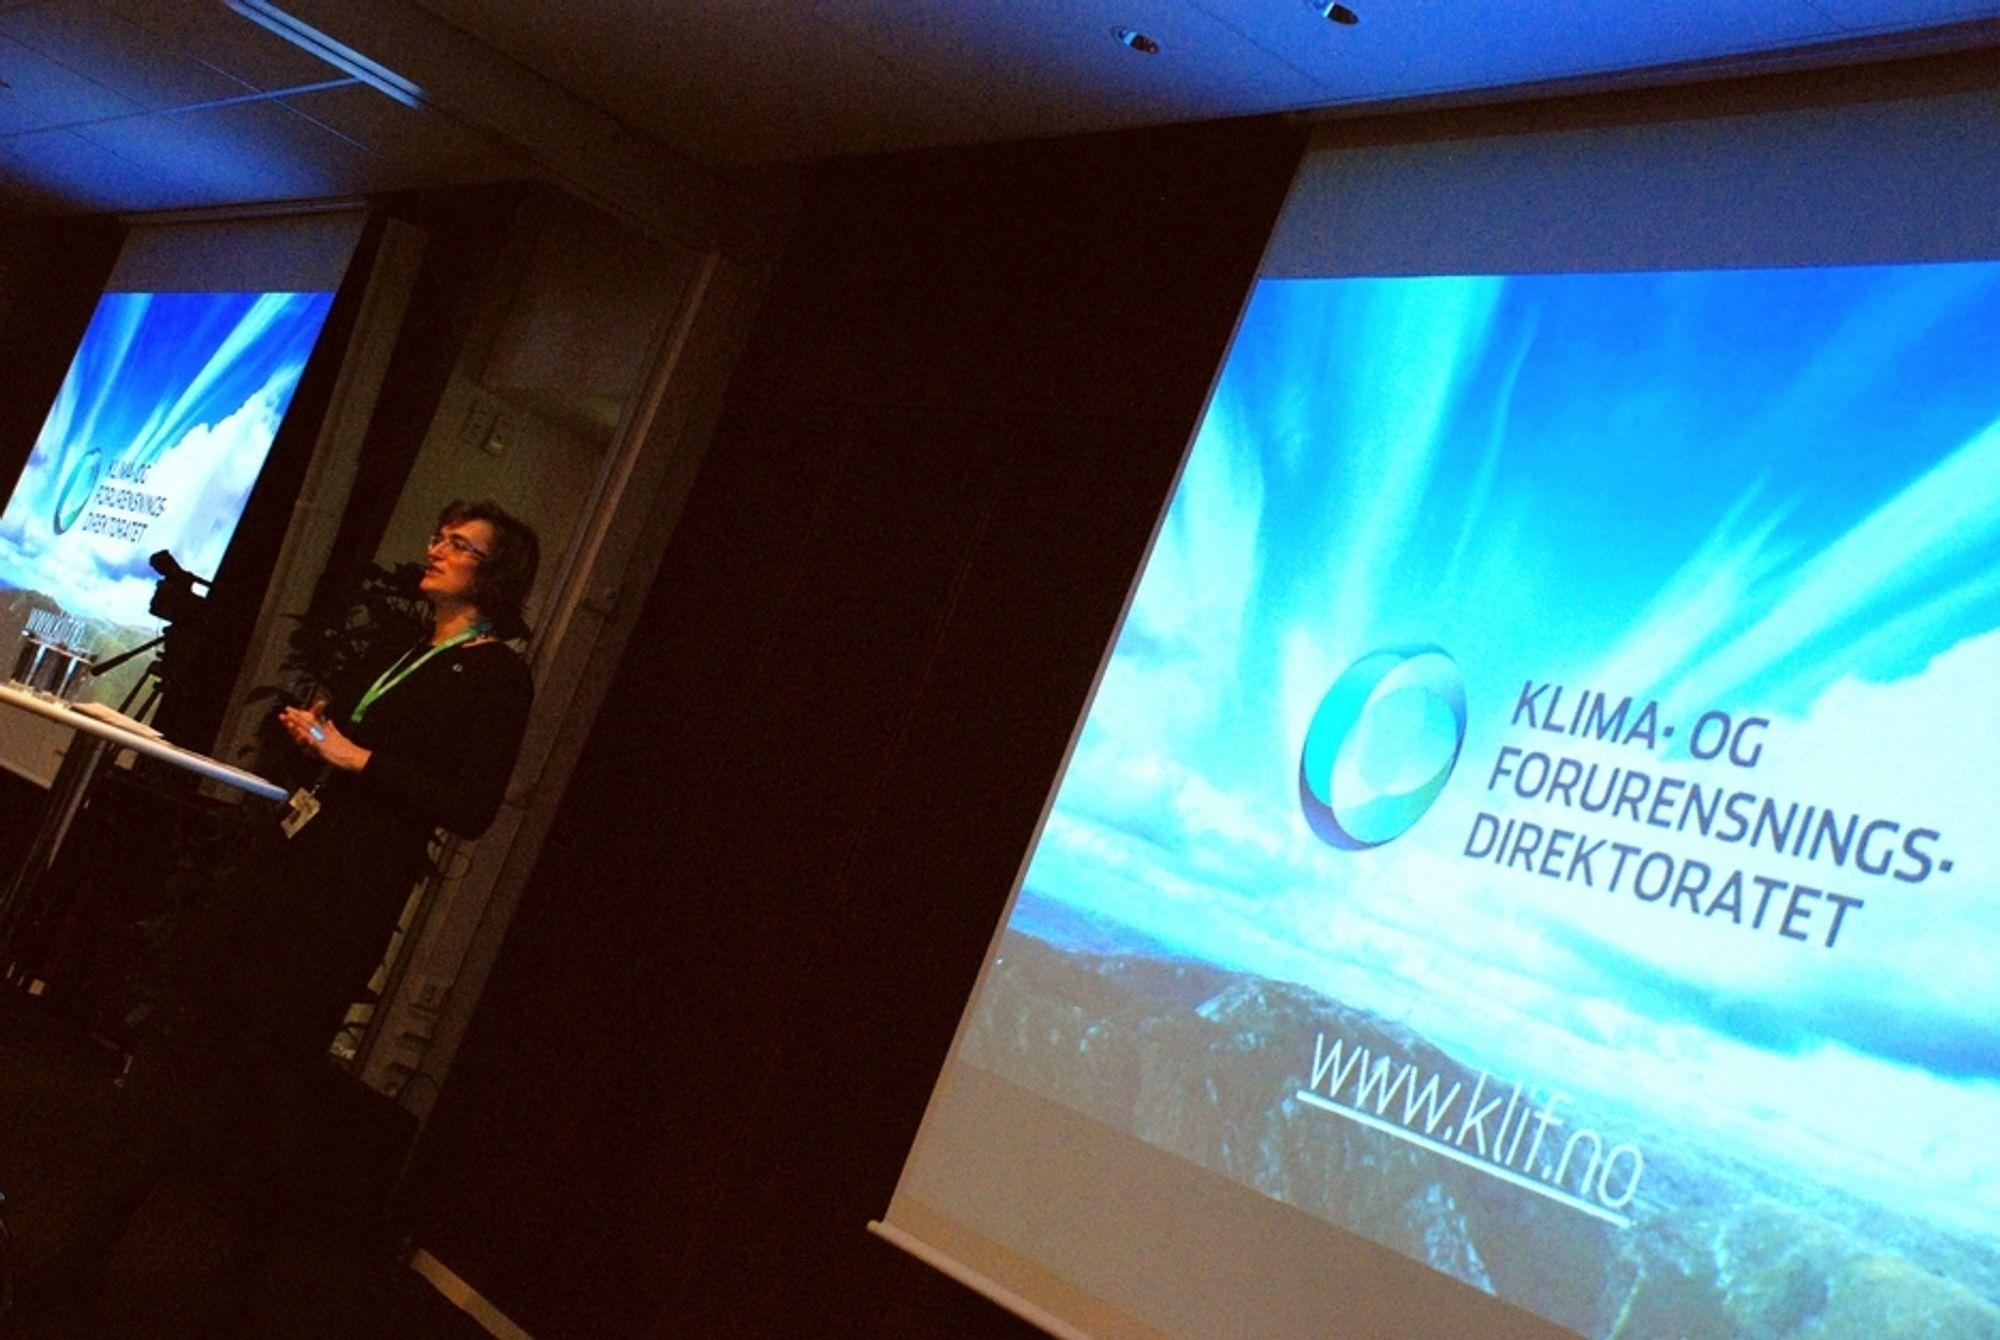 VIL MASE: - Klif bør få en vedvarende rolle som kunnskapsbasert masekråke, sier klimadirektør Ellen Hambro. Det nye klimadirektoratet blir statens fremste rådgiver i klimaspørsmål.